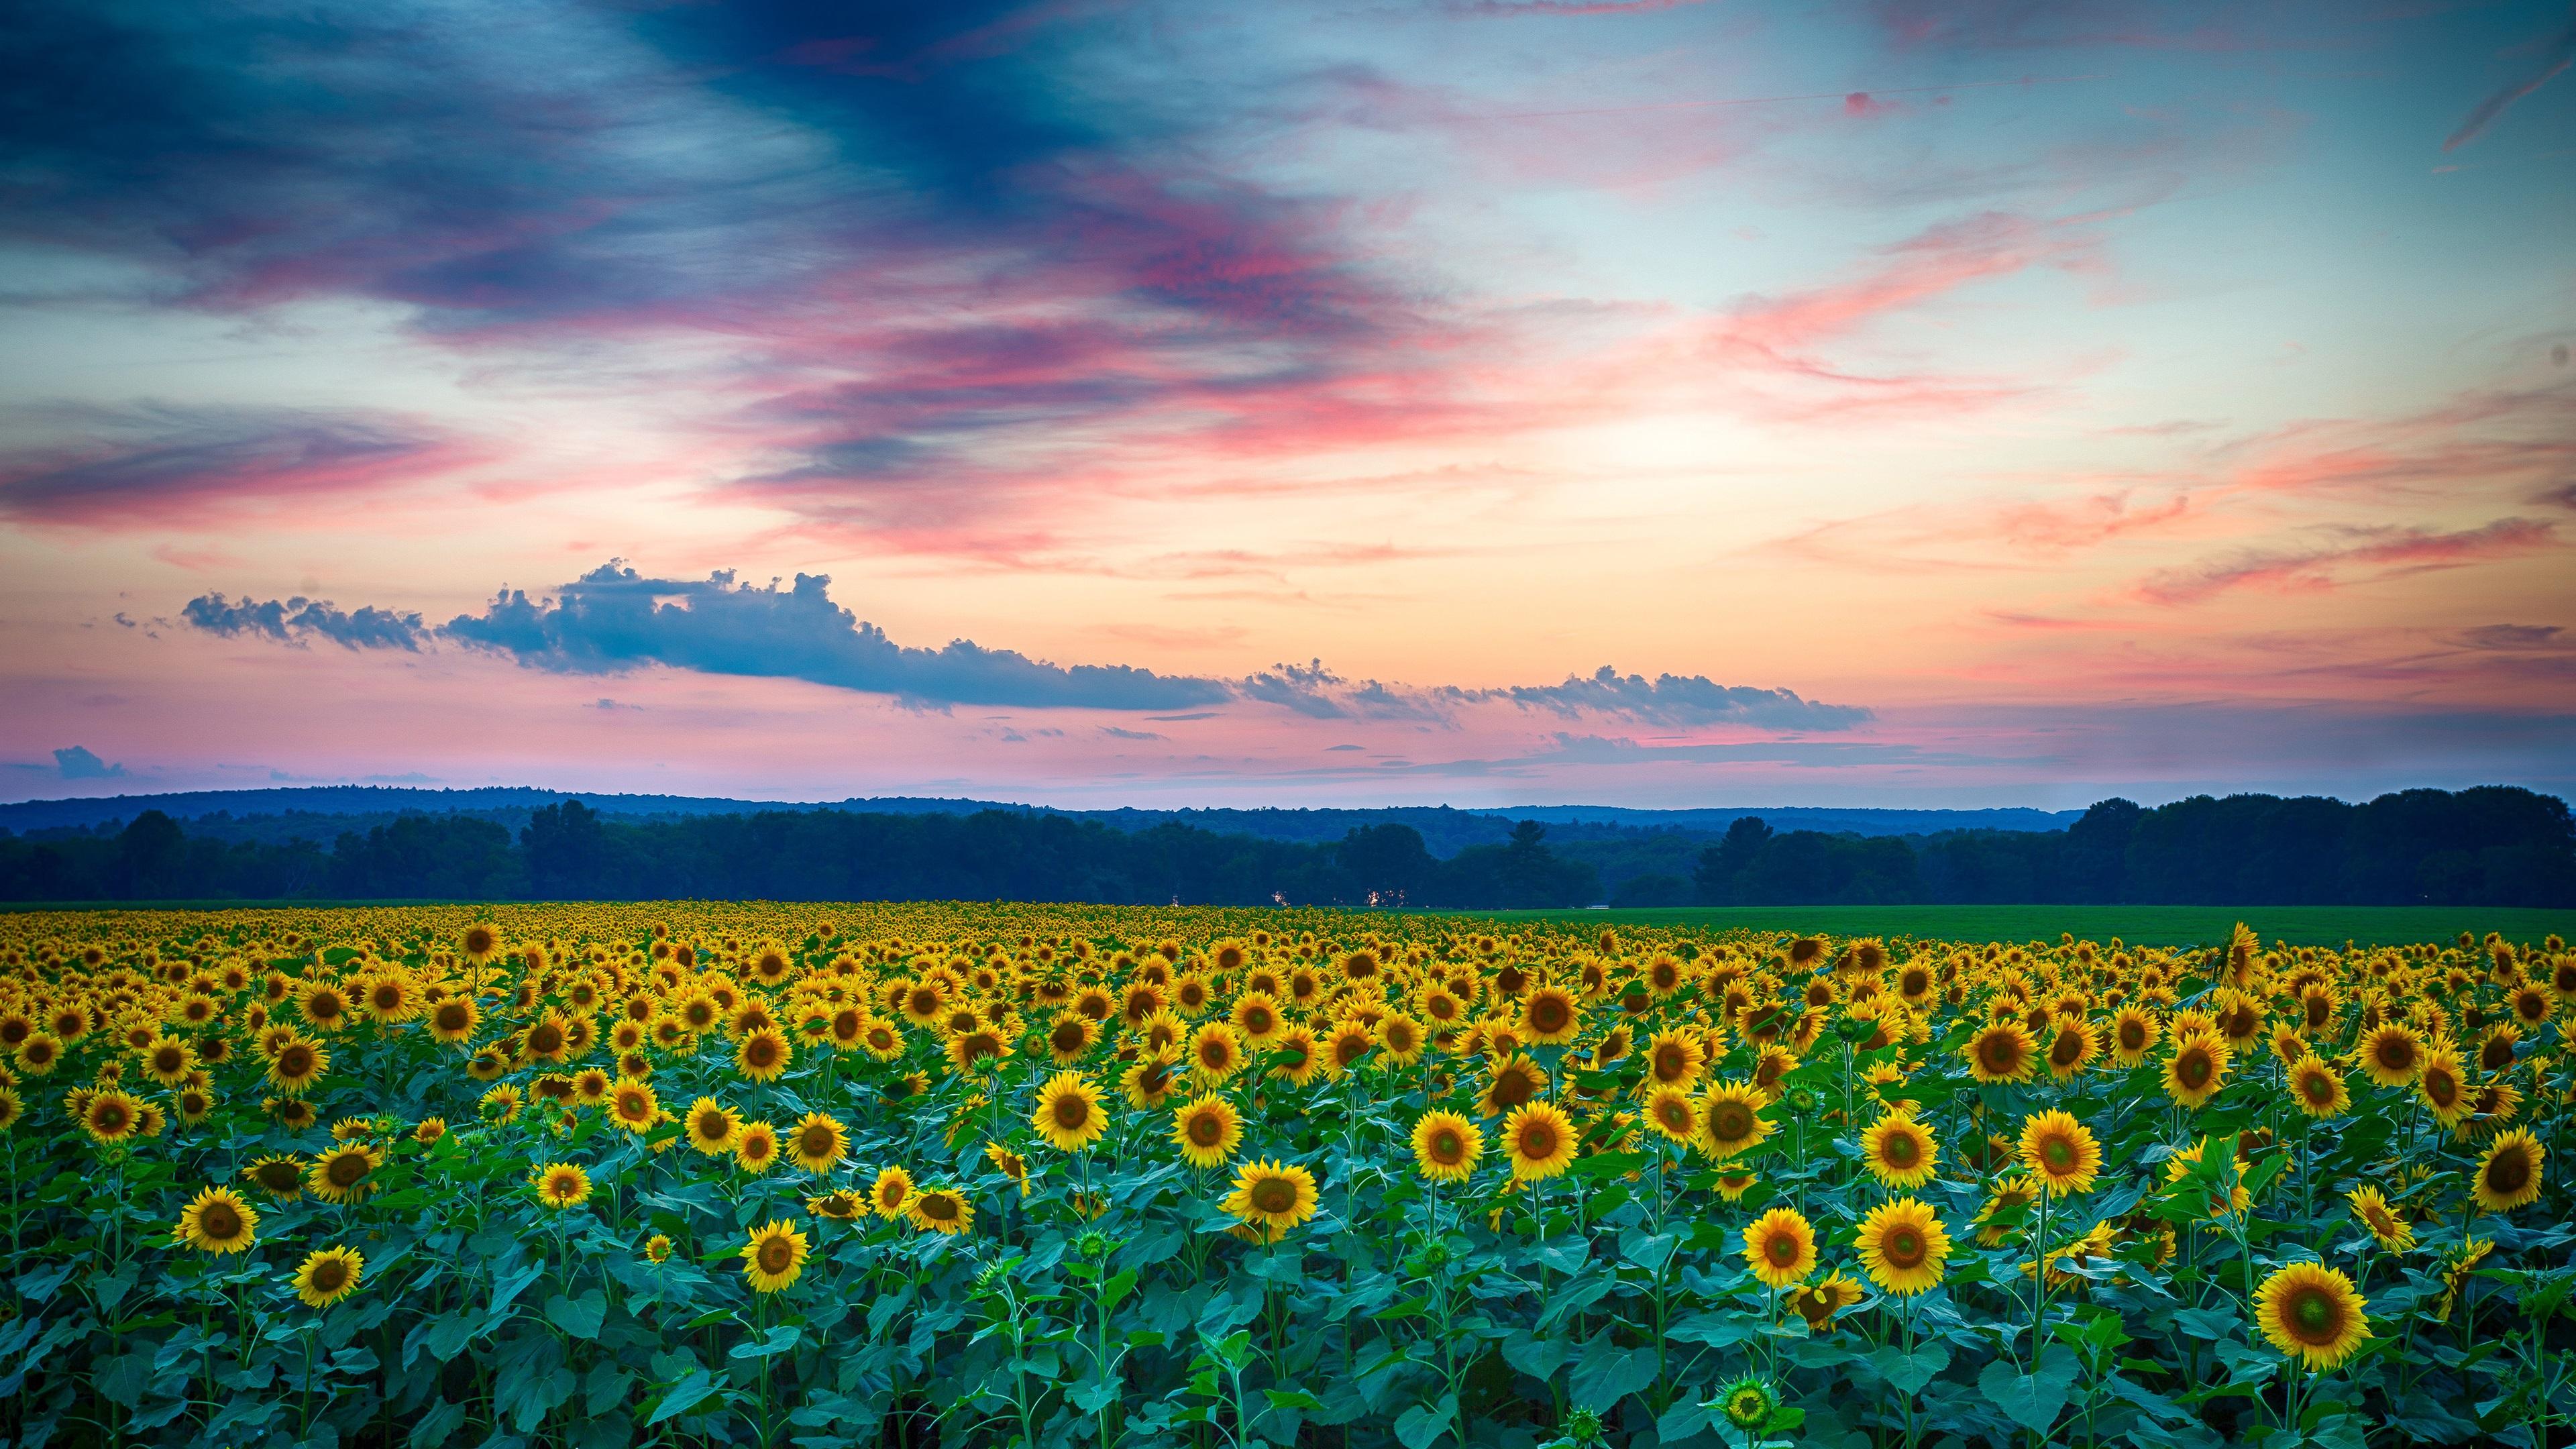 Fondos de pantalla hermoso campo de girasoles por la noche puesta de sol verano 3840x2160 uhd - Fondos de escritorio verano ...